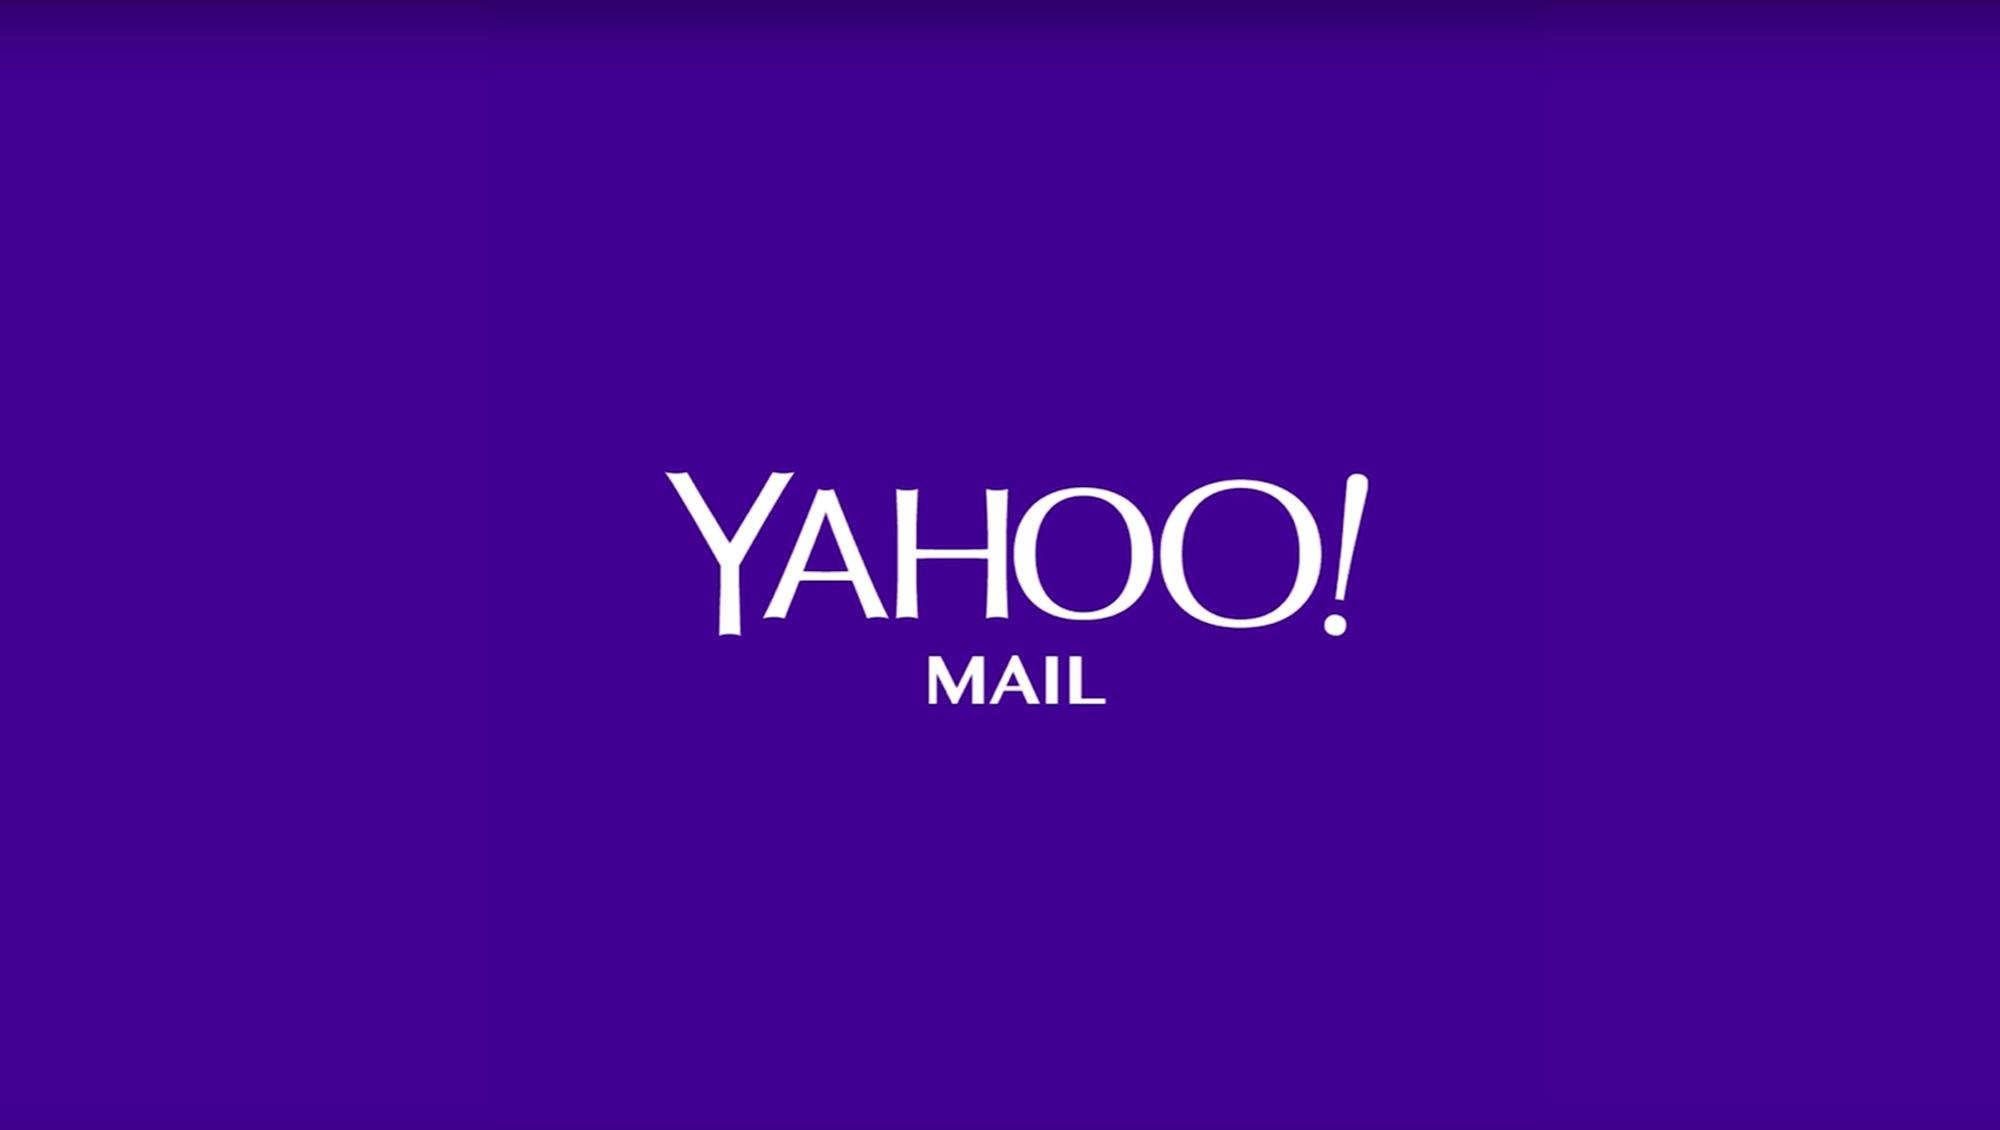 Au fait, pourquoi Yahoo s'appelle Yahoo ?